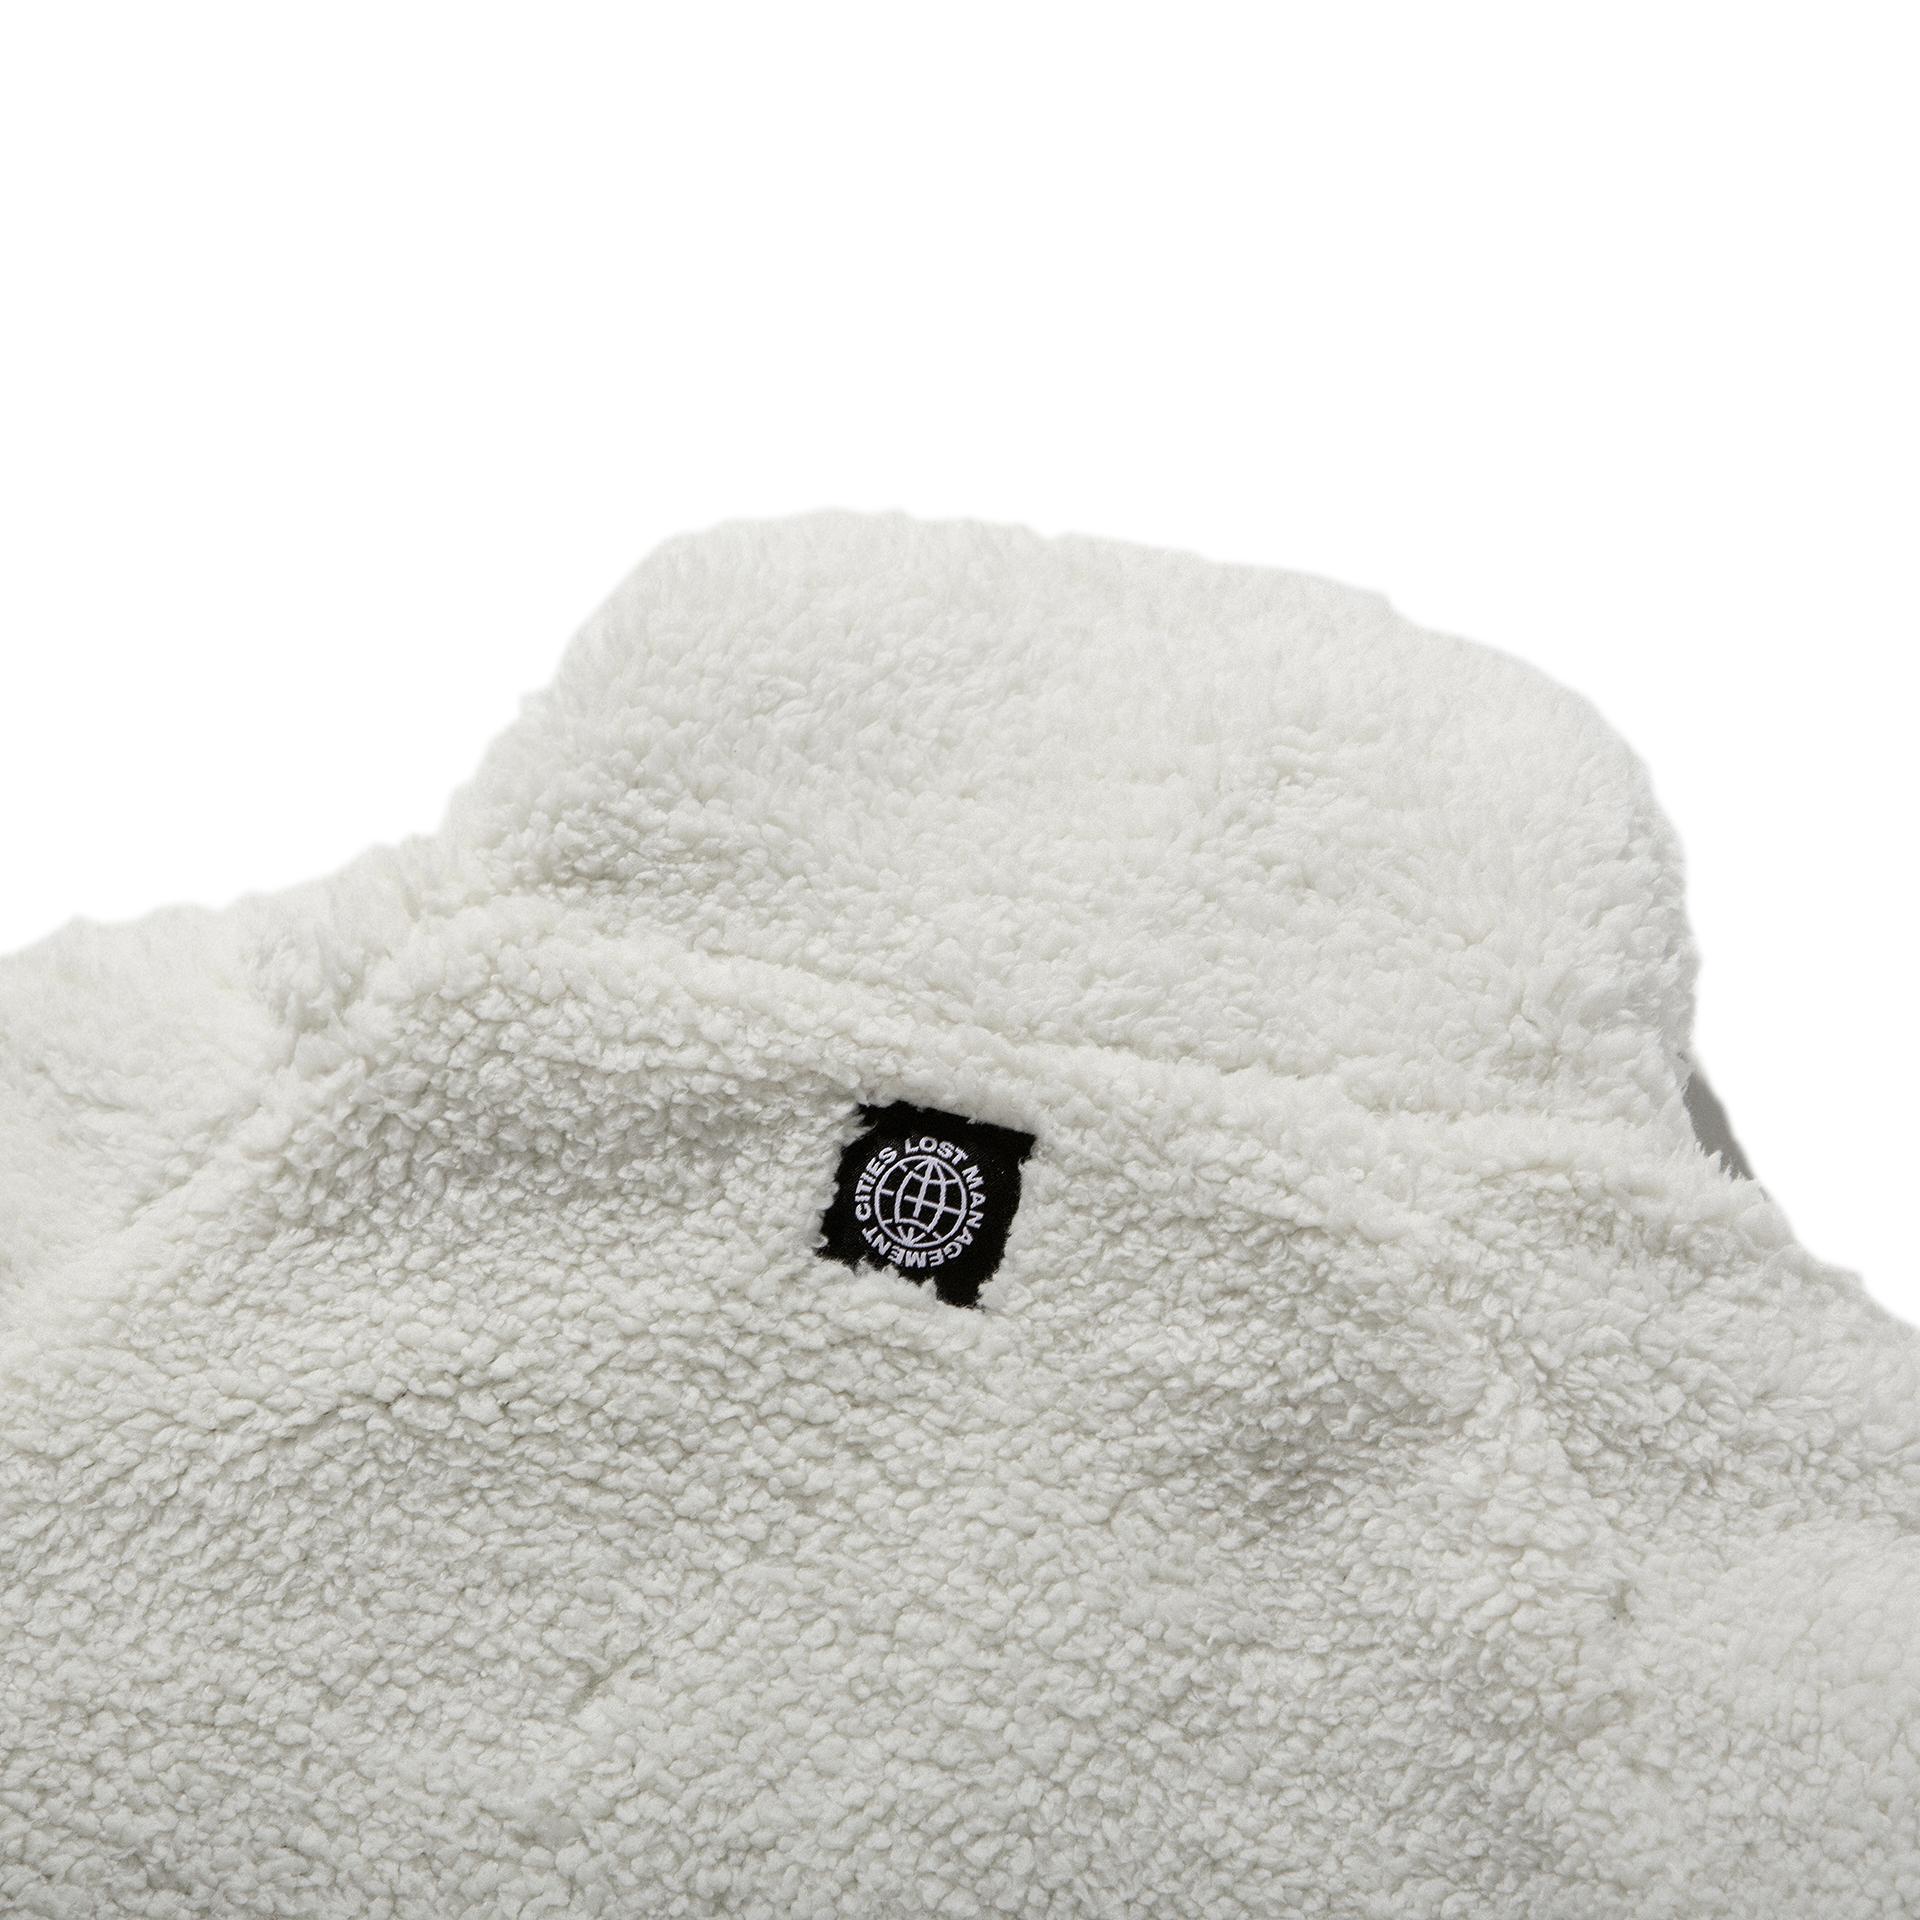 엘엠씨(LMC) LMC SILKY FLEECE REVERSIBLE JACKET cream